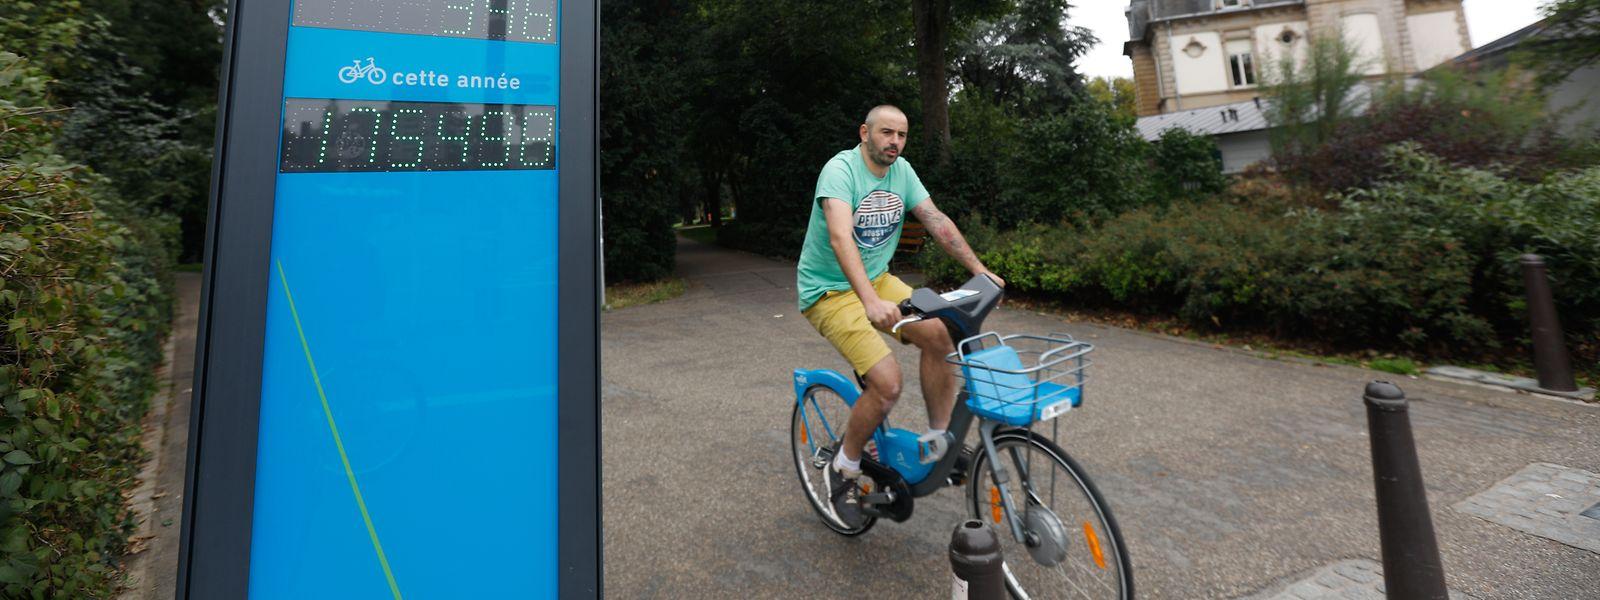 Im August waren an dieser Zählstation am Eingang des Stadtparks 175.498 Radfahrer registriert worden.